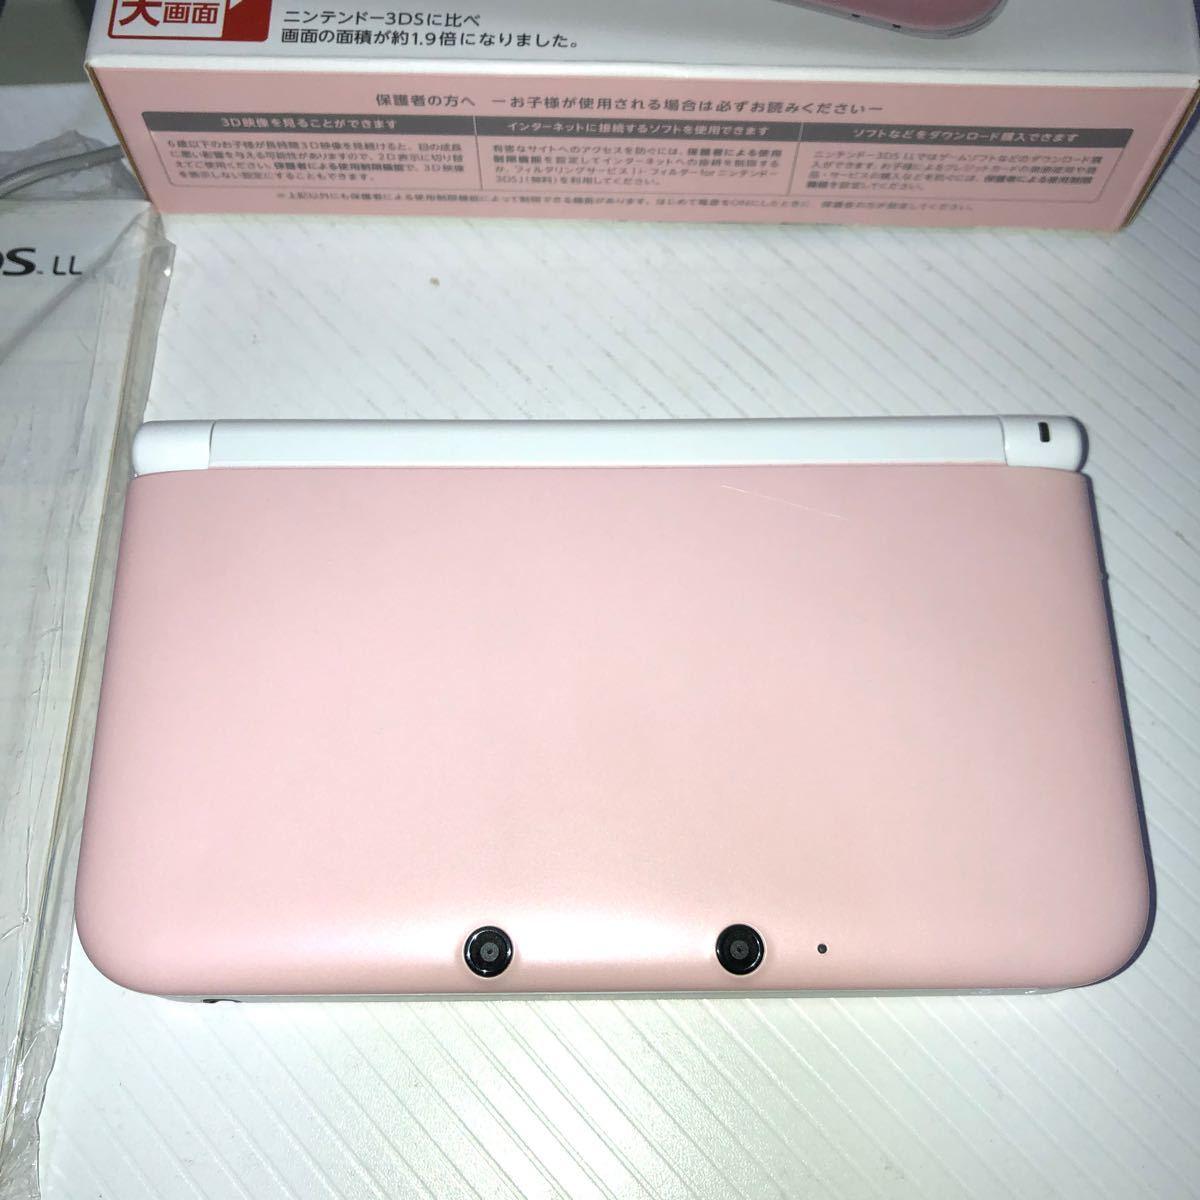 Nintendo 3DS LL ピンク×ホワイト 動作確認済 ニンテンドー3DS LL